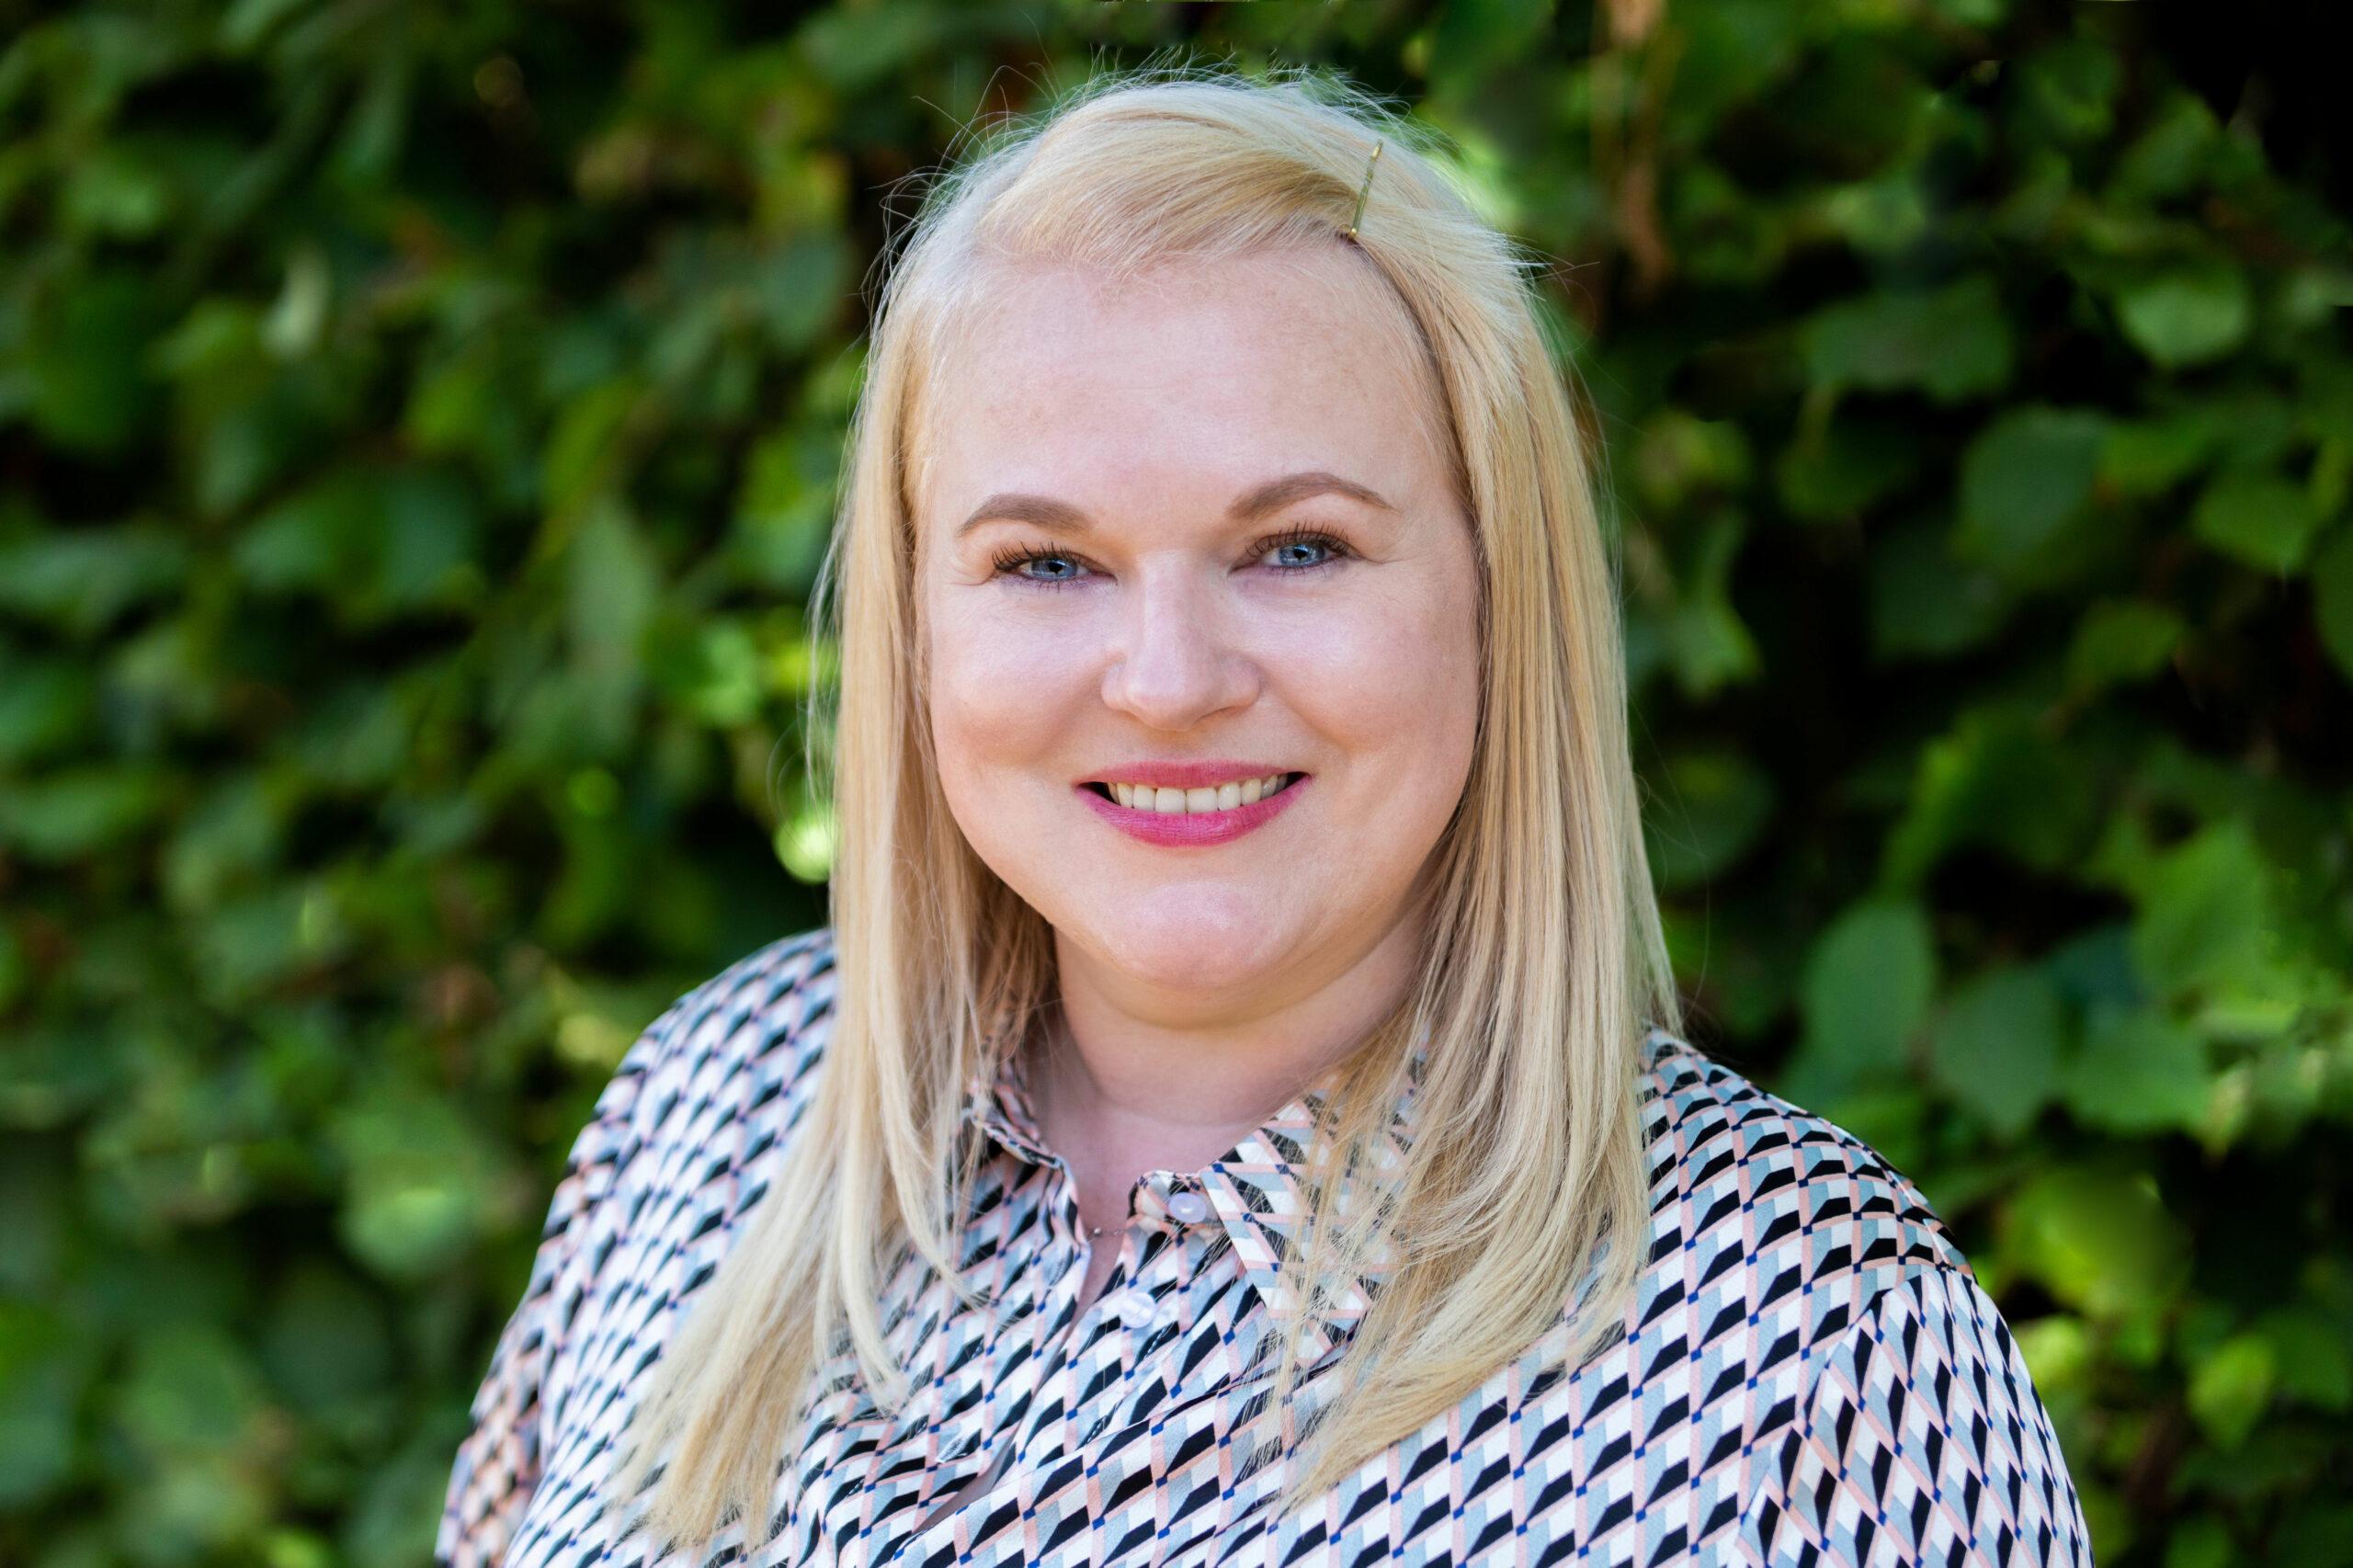 Lorna Kidd